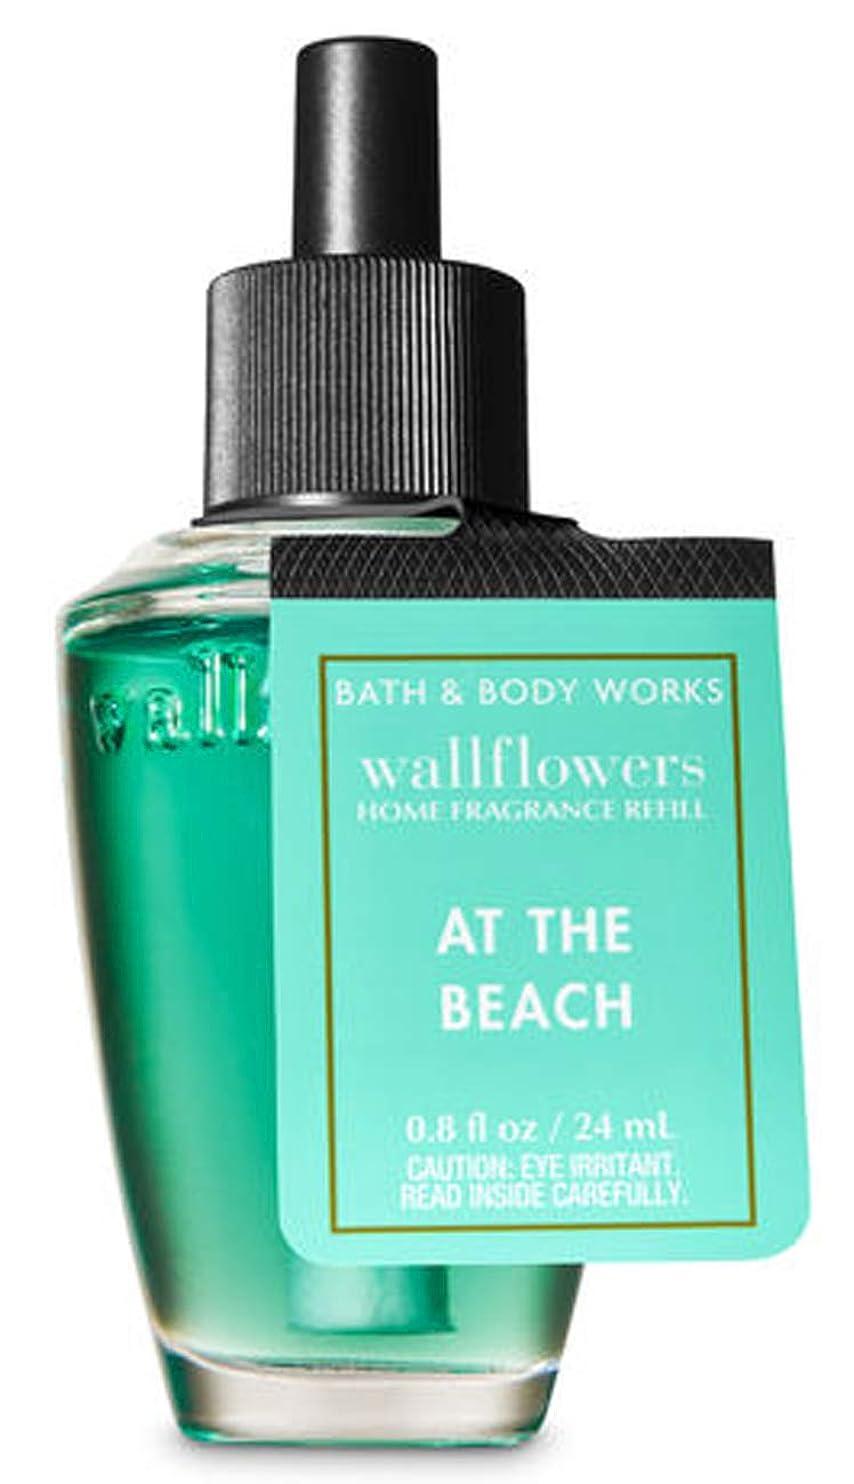 処理するポンド想定バス&ボディワークス アットザビーチ ルームフレグランス リフィル 芳香剤 24ml (本体別売り) Bath & Body Works